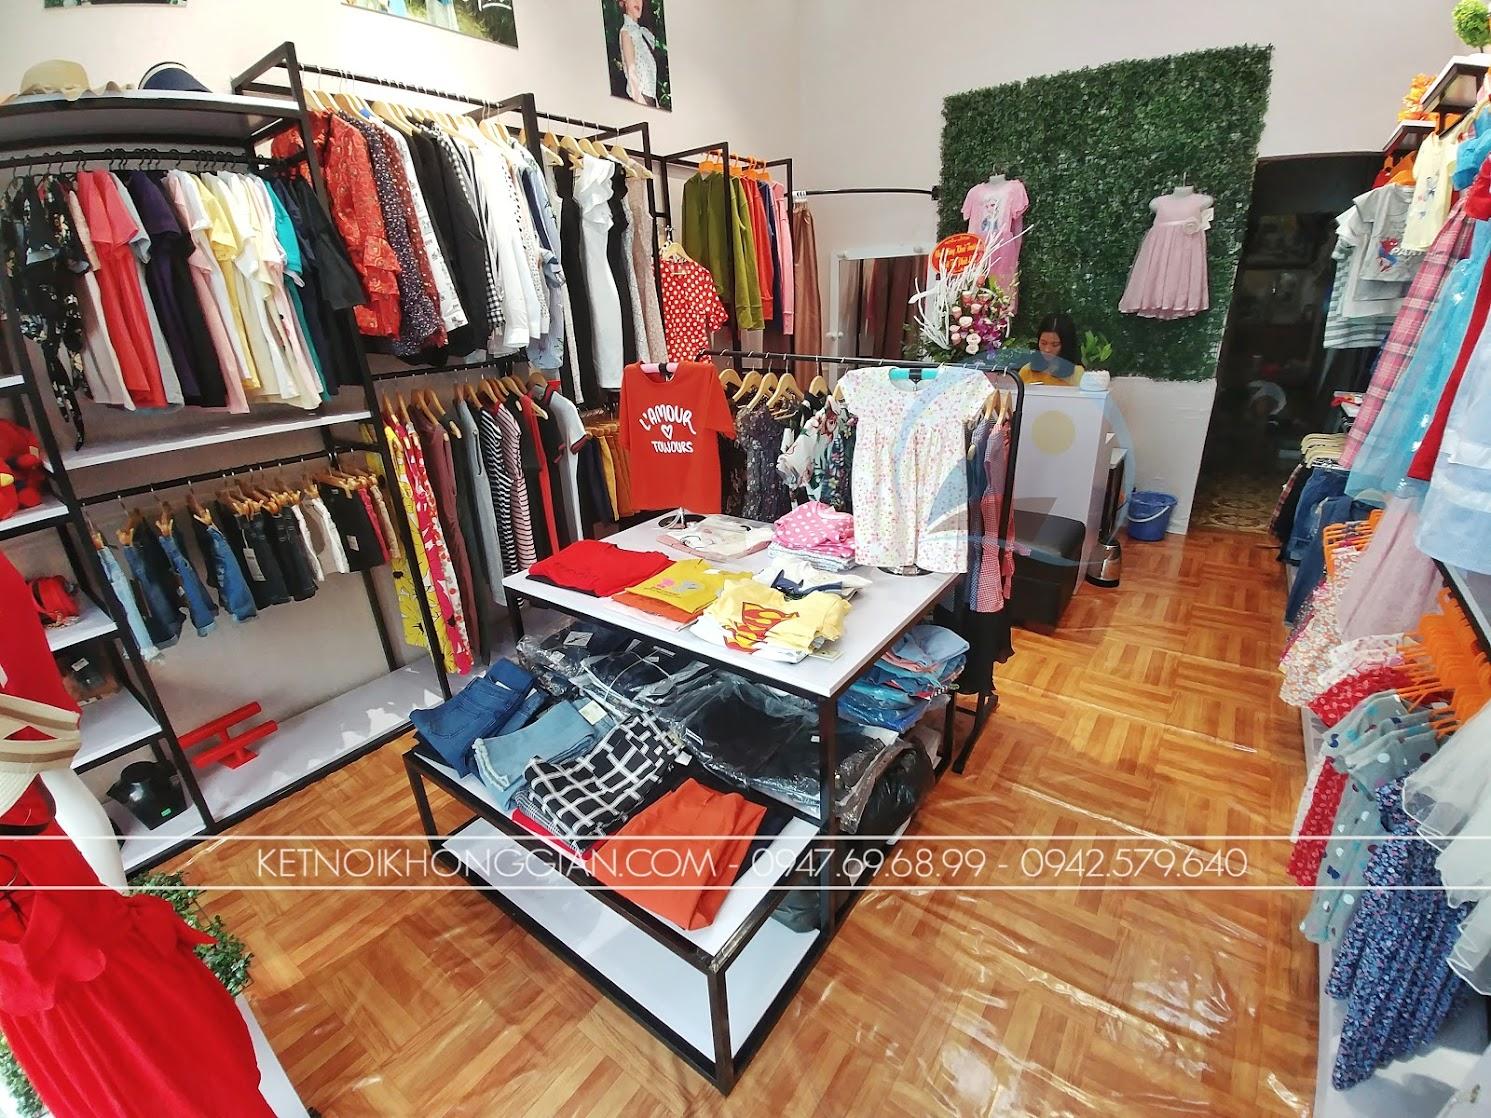 thiết kế shop thời trang diện tích nhỏ giá rẻ